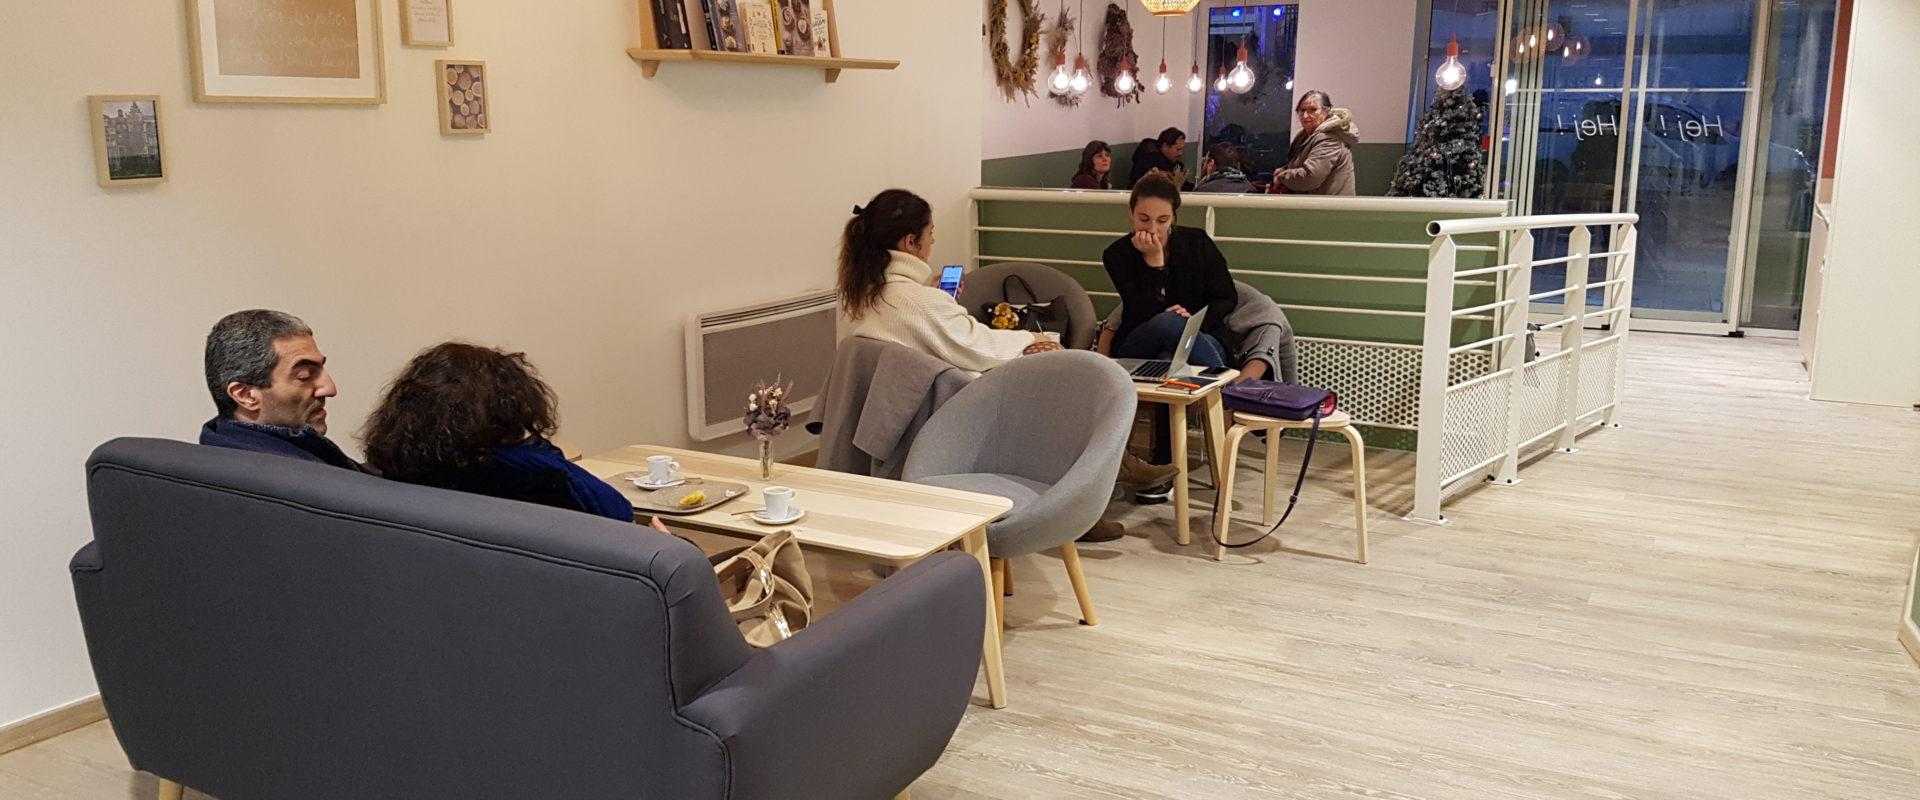 FREYJA NØRDIC CAFÉ, UN VOYAGE AU DÉPART DE ROUBAIX